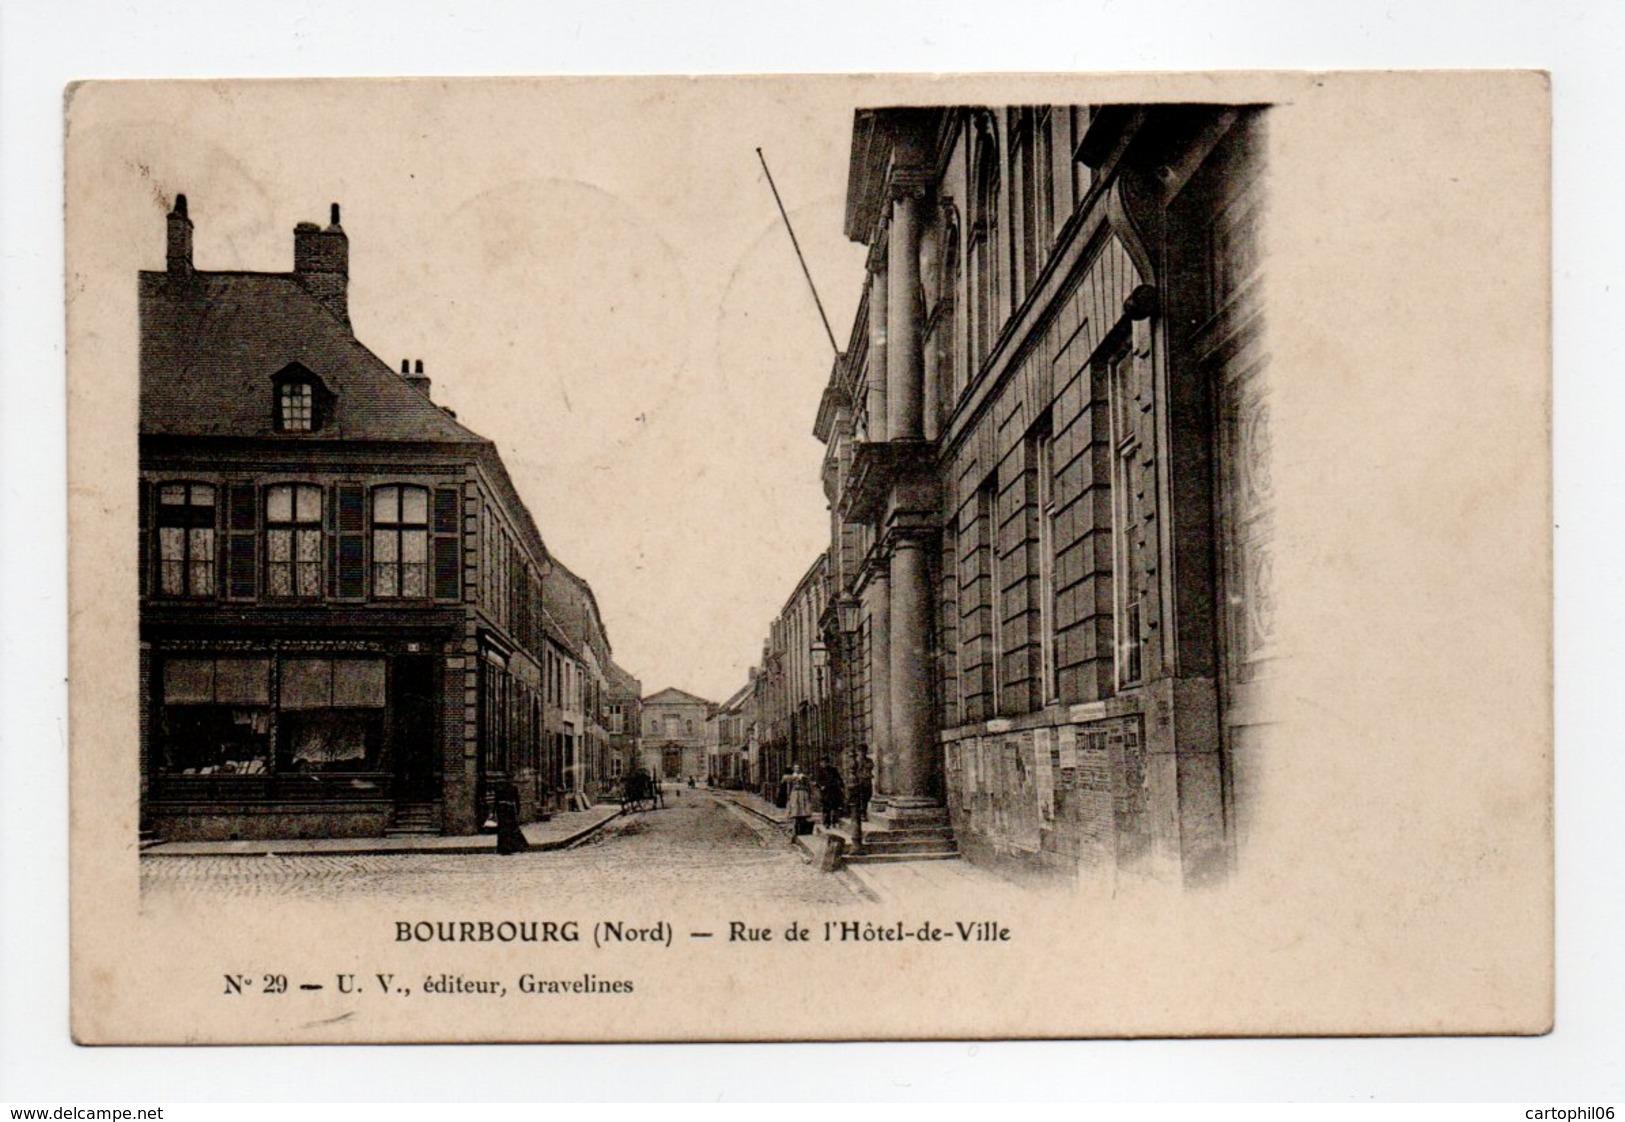 - CPA BOURBOURG (59) - Rue De L'Hôtel-de-Ville 1906 - Edition U. V. N° 29 - - France